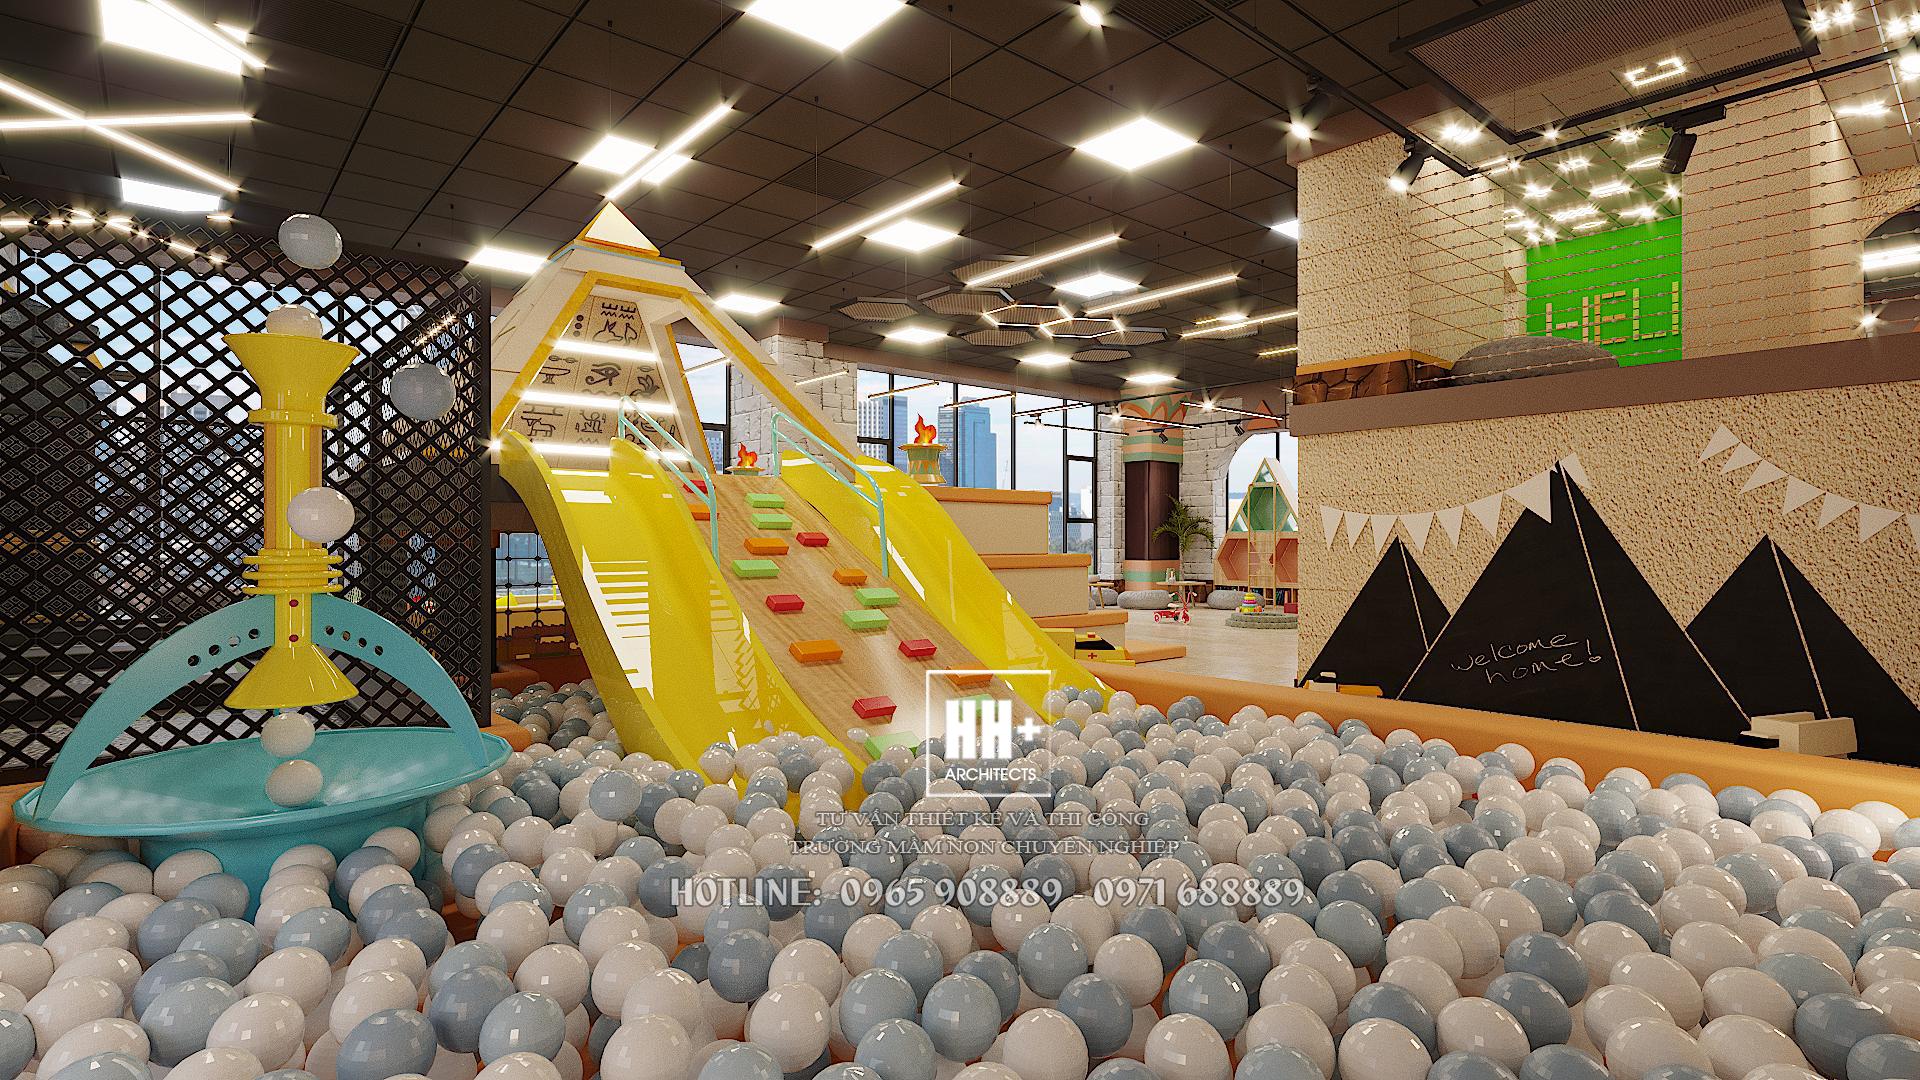 10 Thiết kế khu vui chơi trẻ em Thiết kế khu vui chơi trẻ em Hello World 10